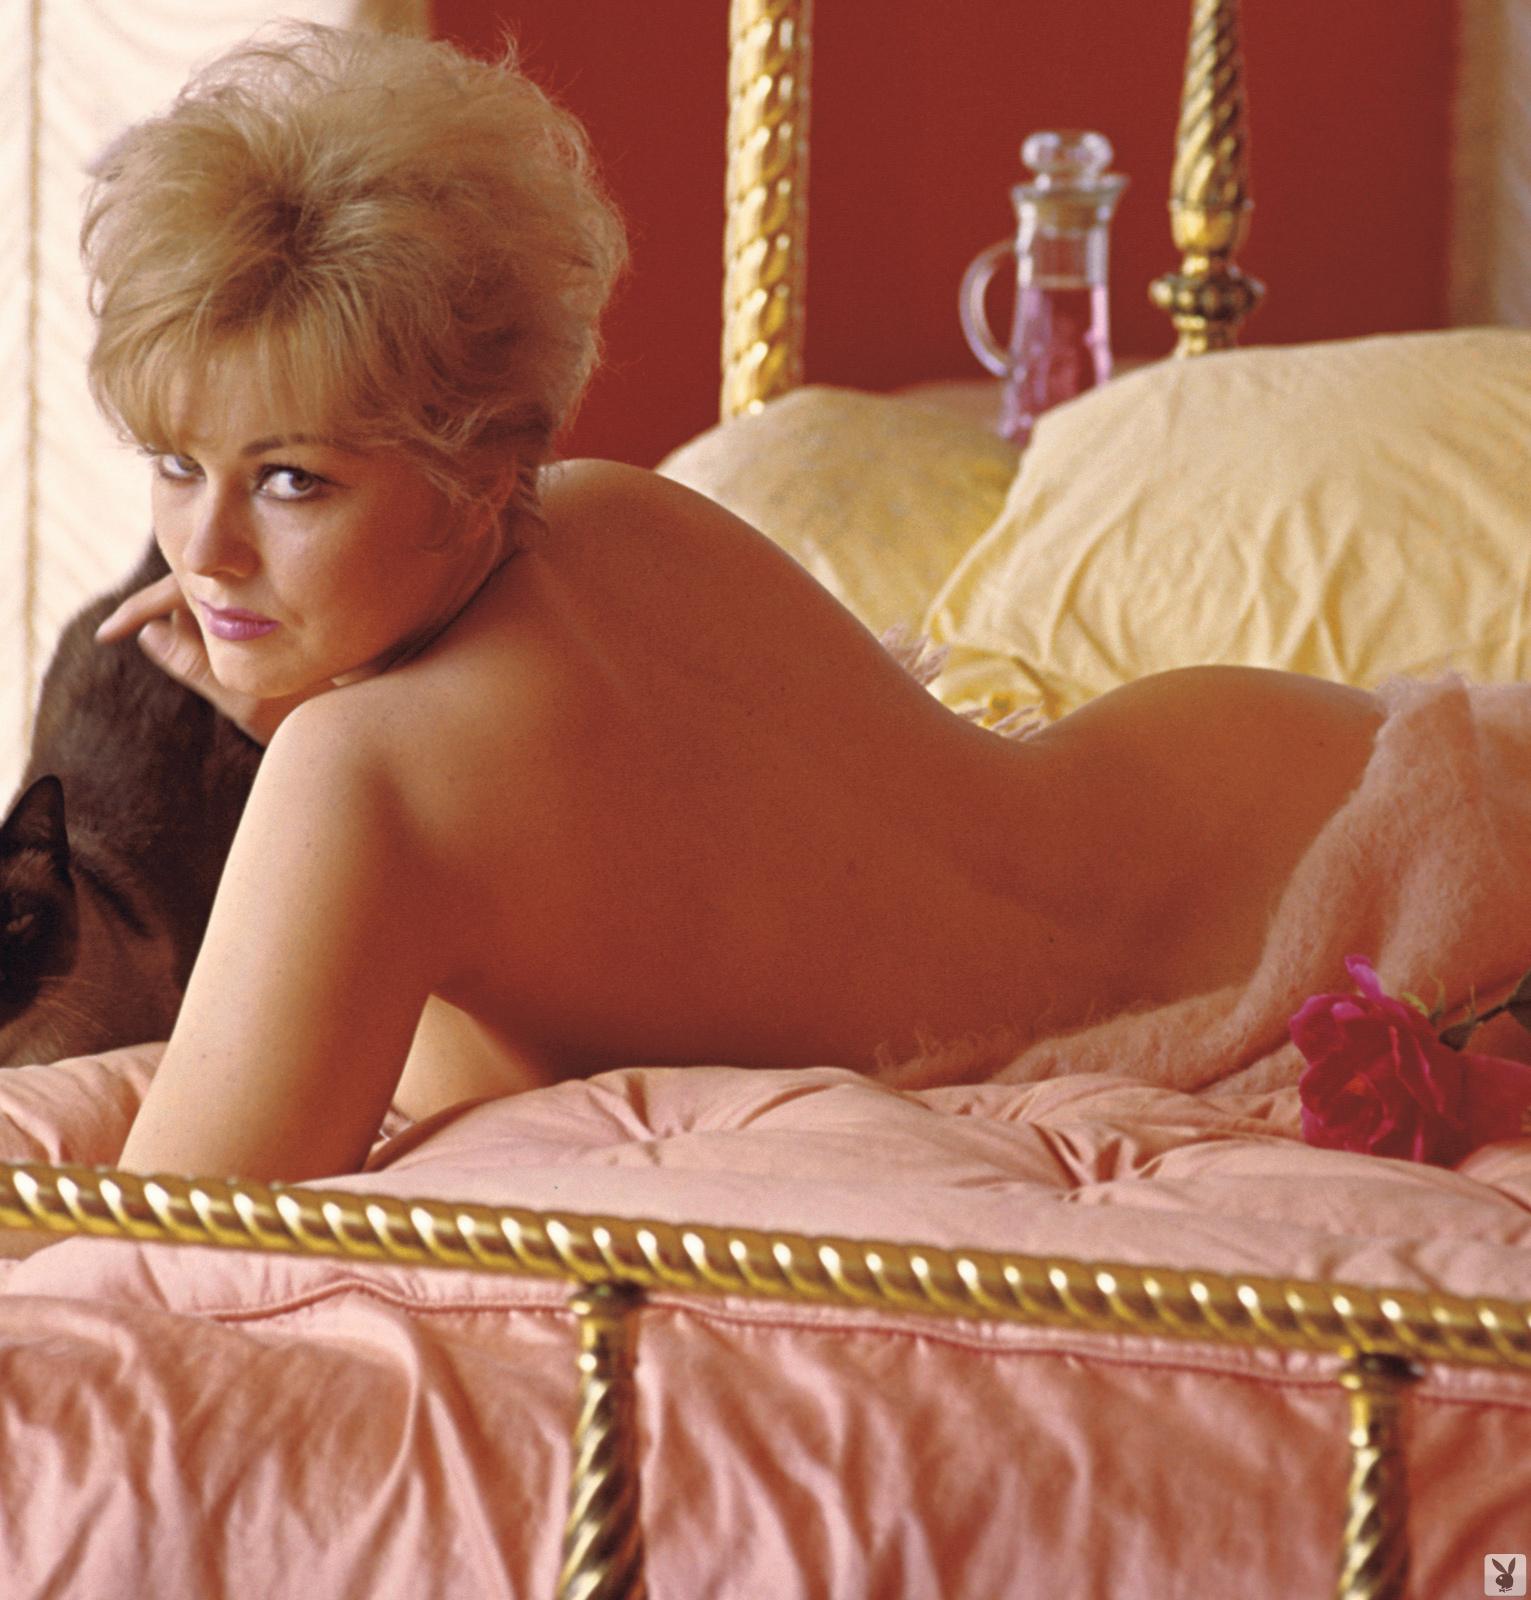 Kim nova nude, my cute amateur